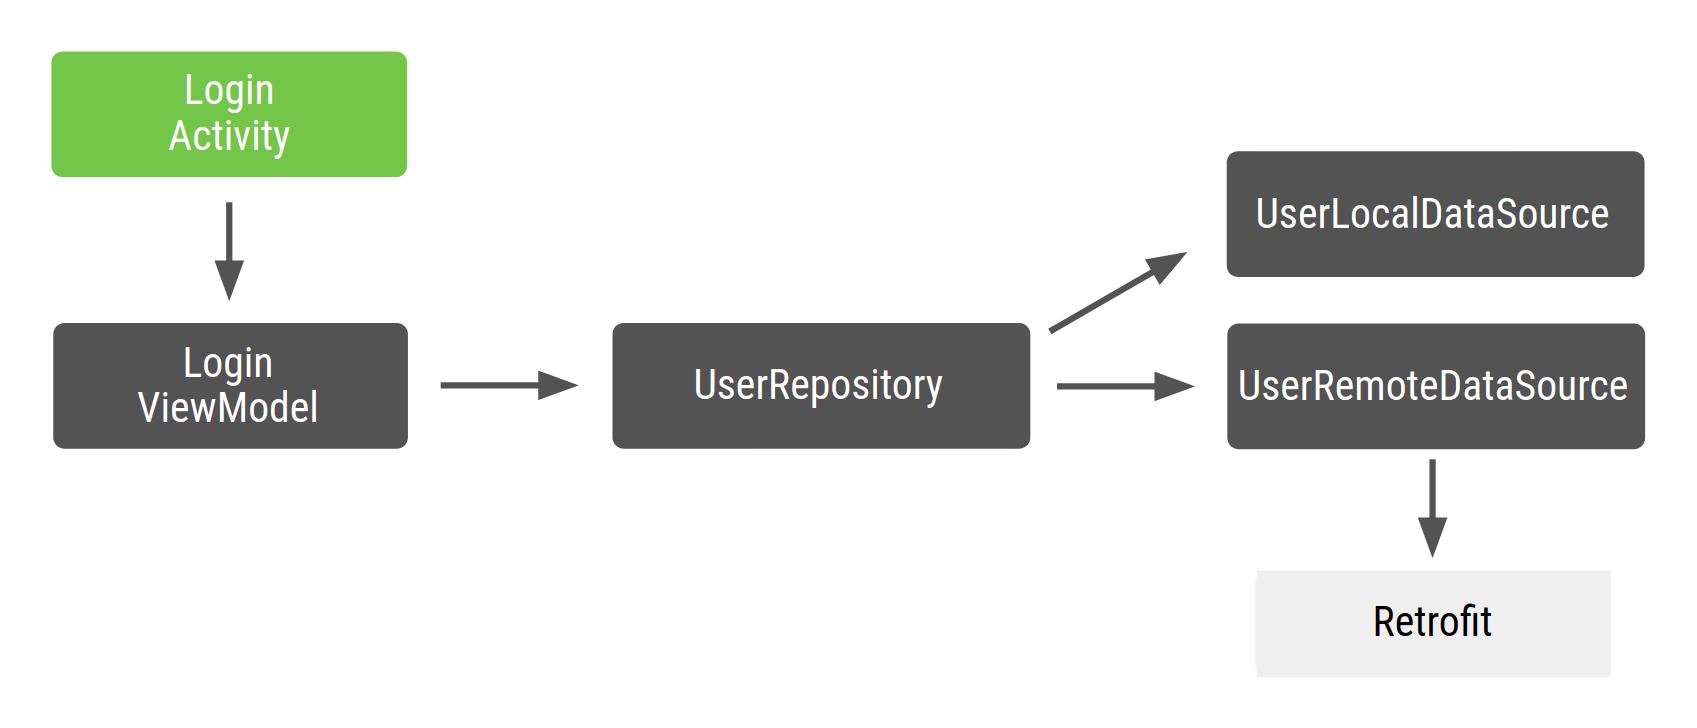 LoginActivity bergantung pada LoginViewModel, yang bergantung pada UserRepository,   yang bergantung pada UserLocalDataSource dan UserRemoteDataSource, yang pada gilirannya akan   bergantung pada Retrofit.